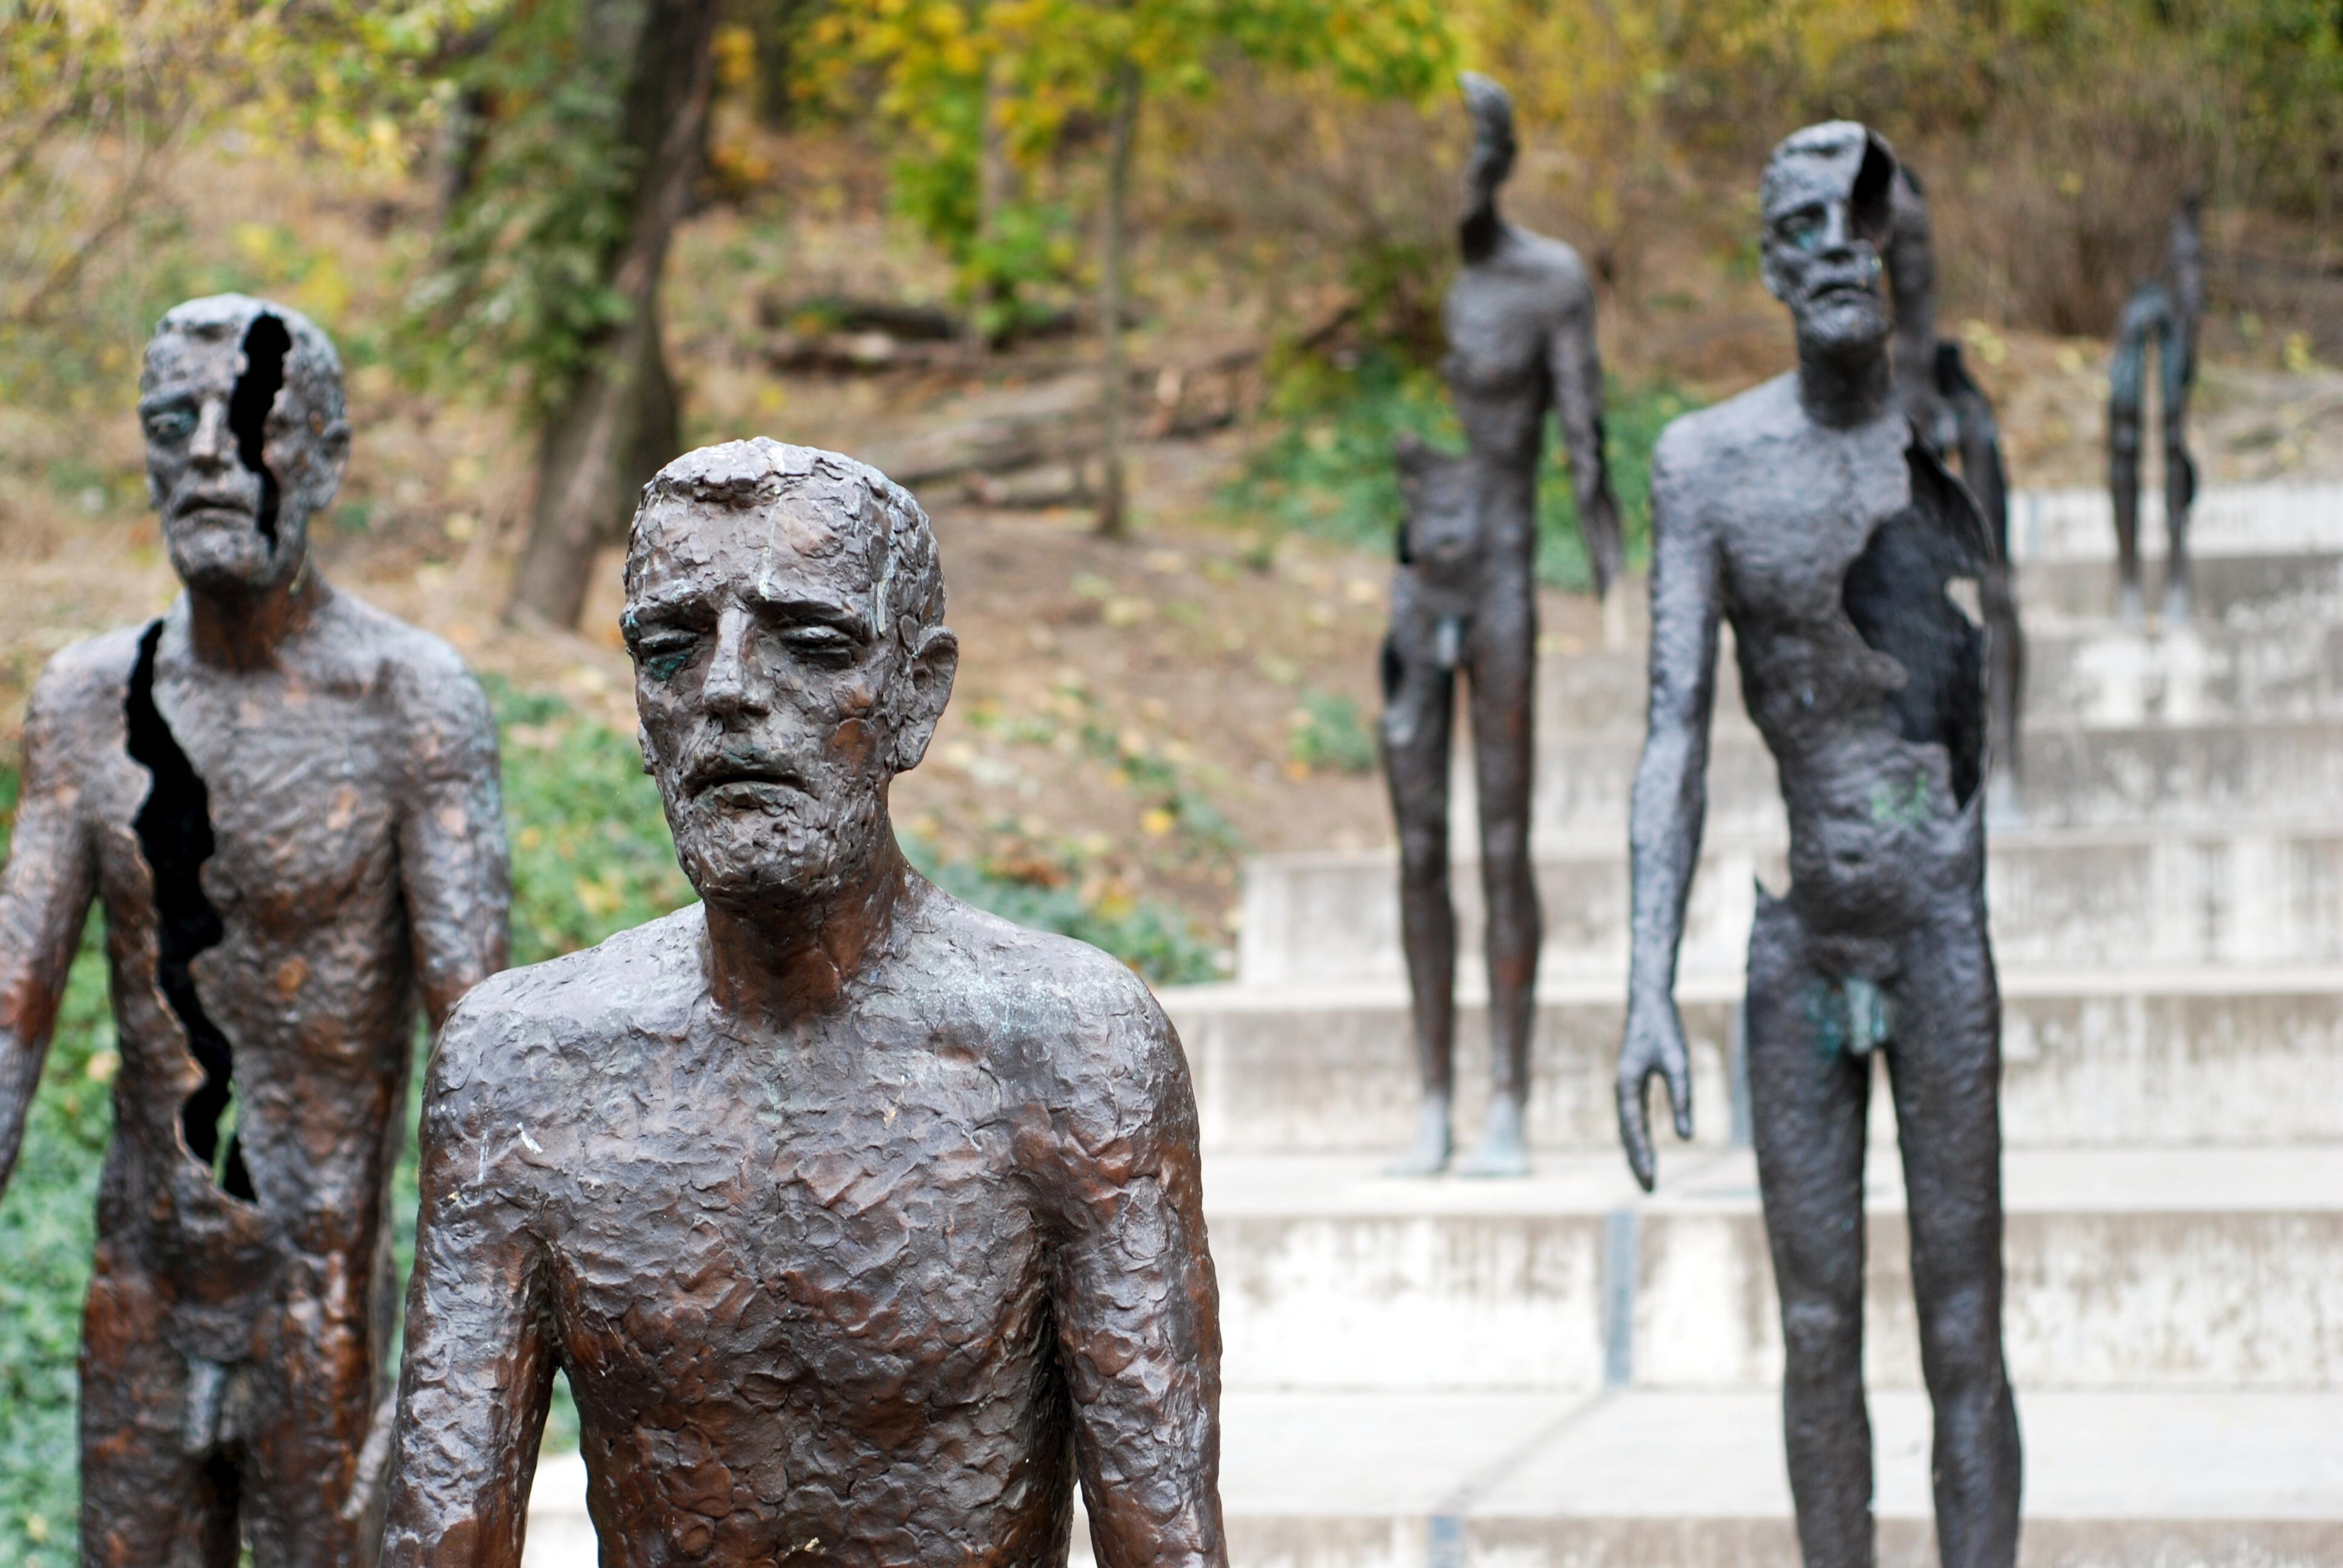 Aprende de la historia reciente en el Museo del Comunismo - Austria Circuito Capitales Imperiales: de Viena a Praga